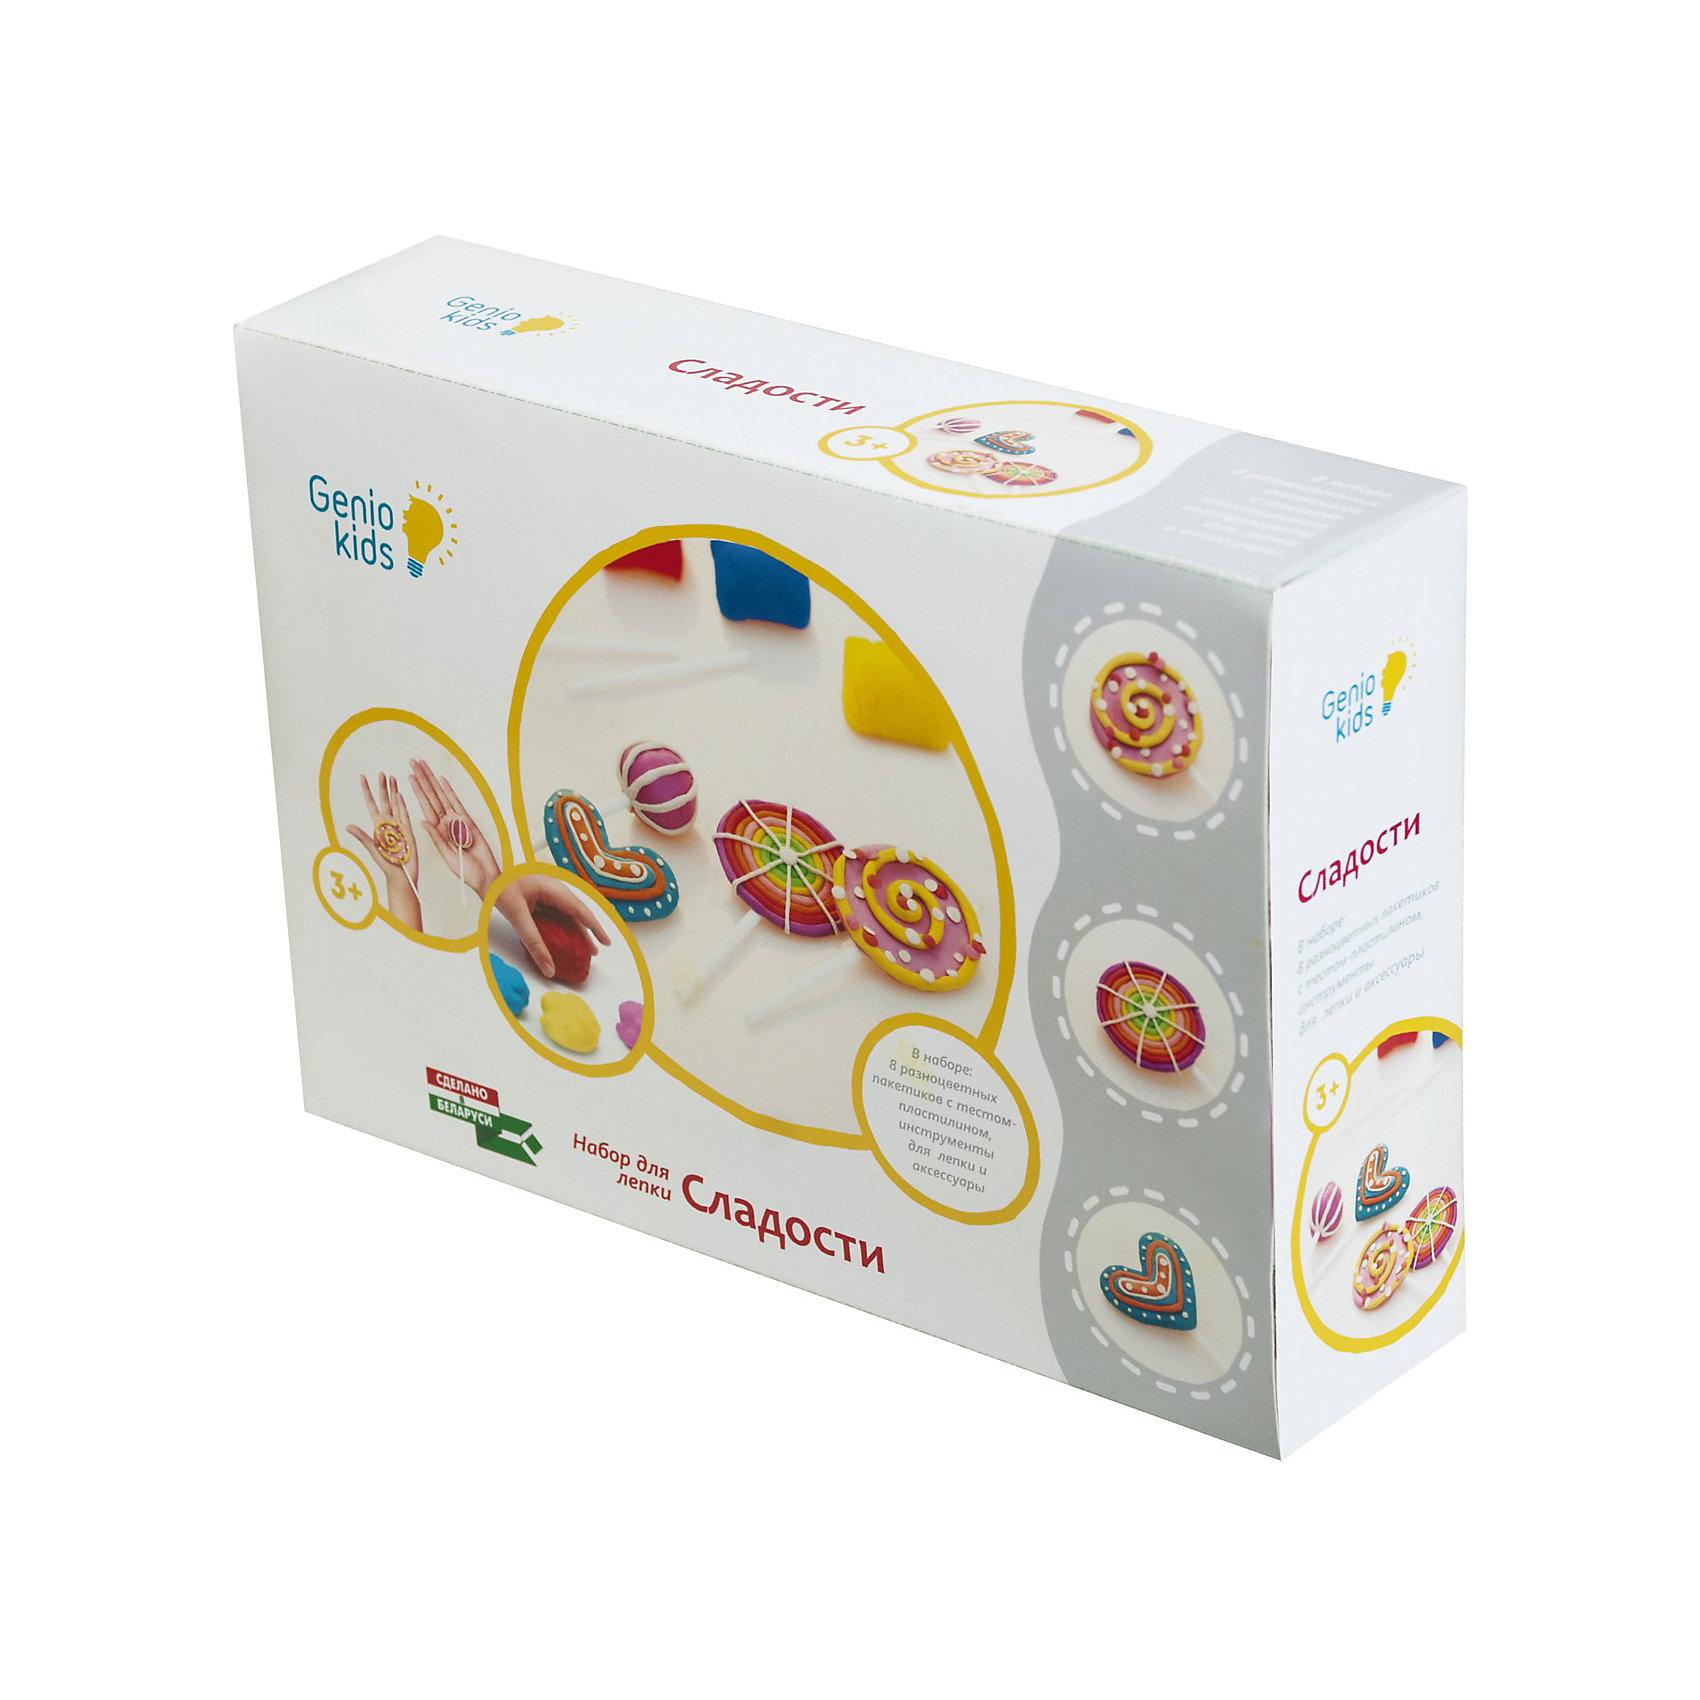 """Genio Kids Набор для детской лепки Сладости genio kids набор для детского творчества """"шкатулка"""""""